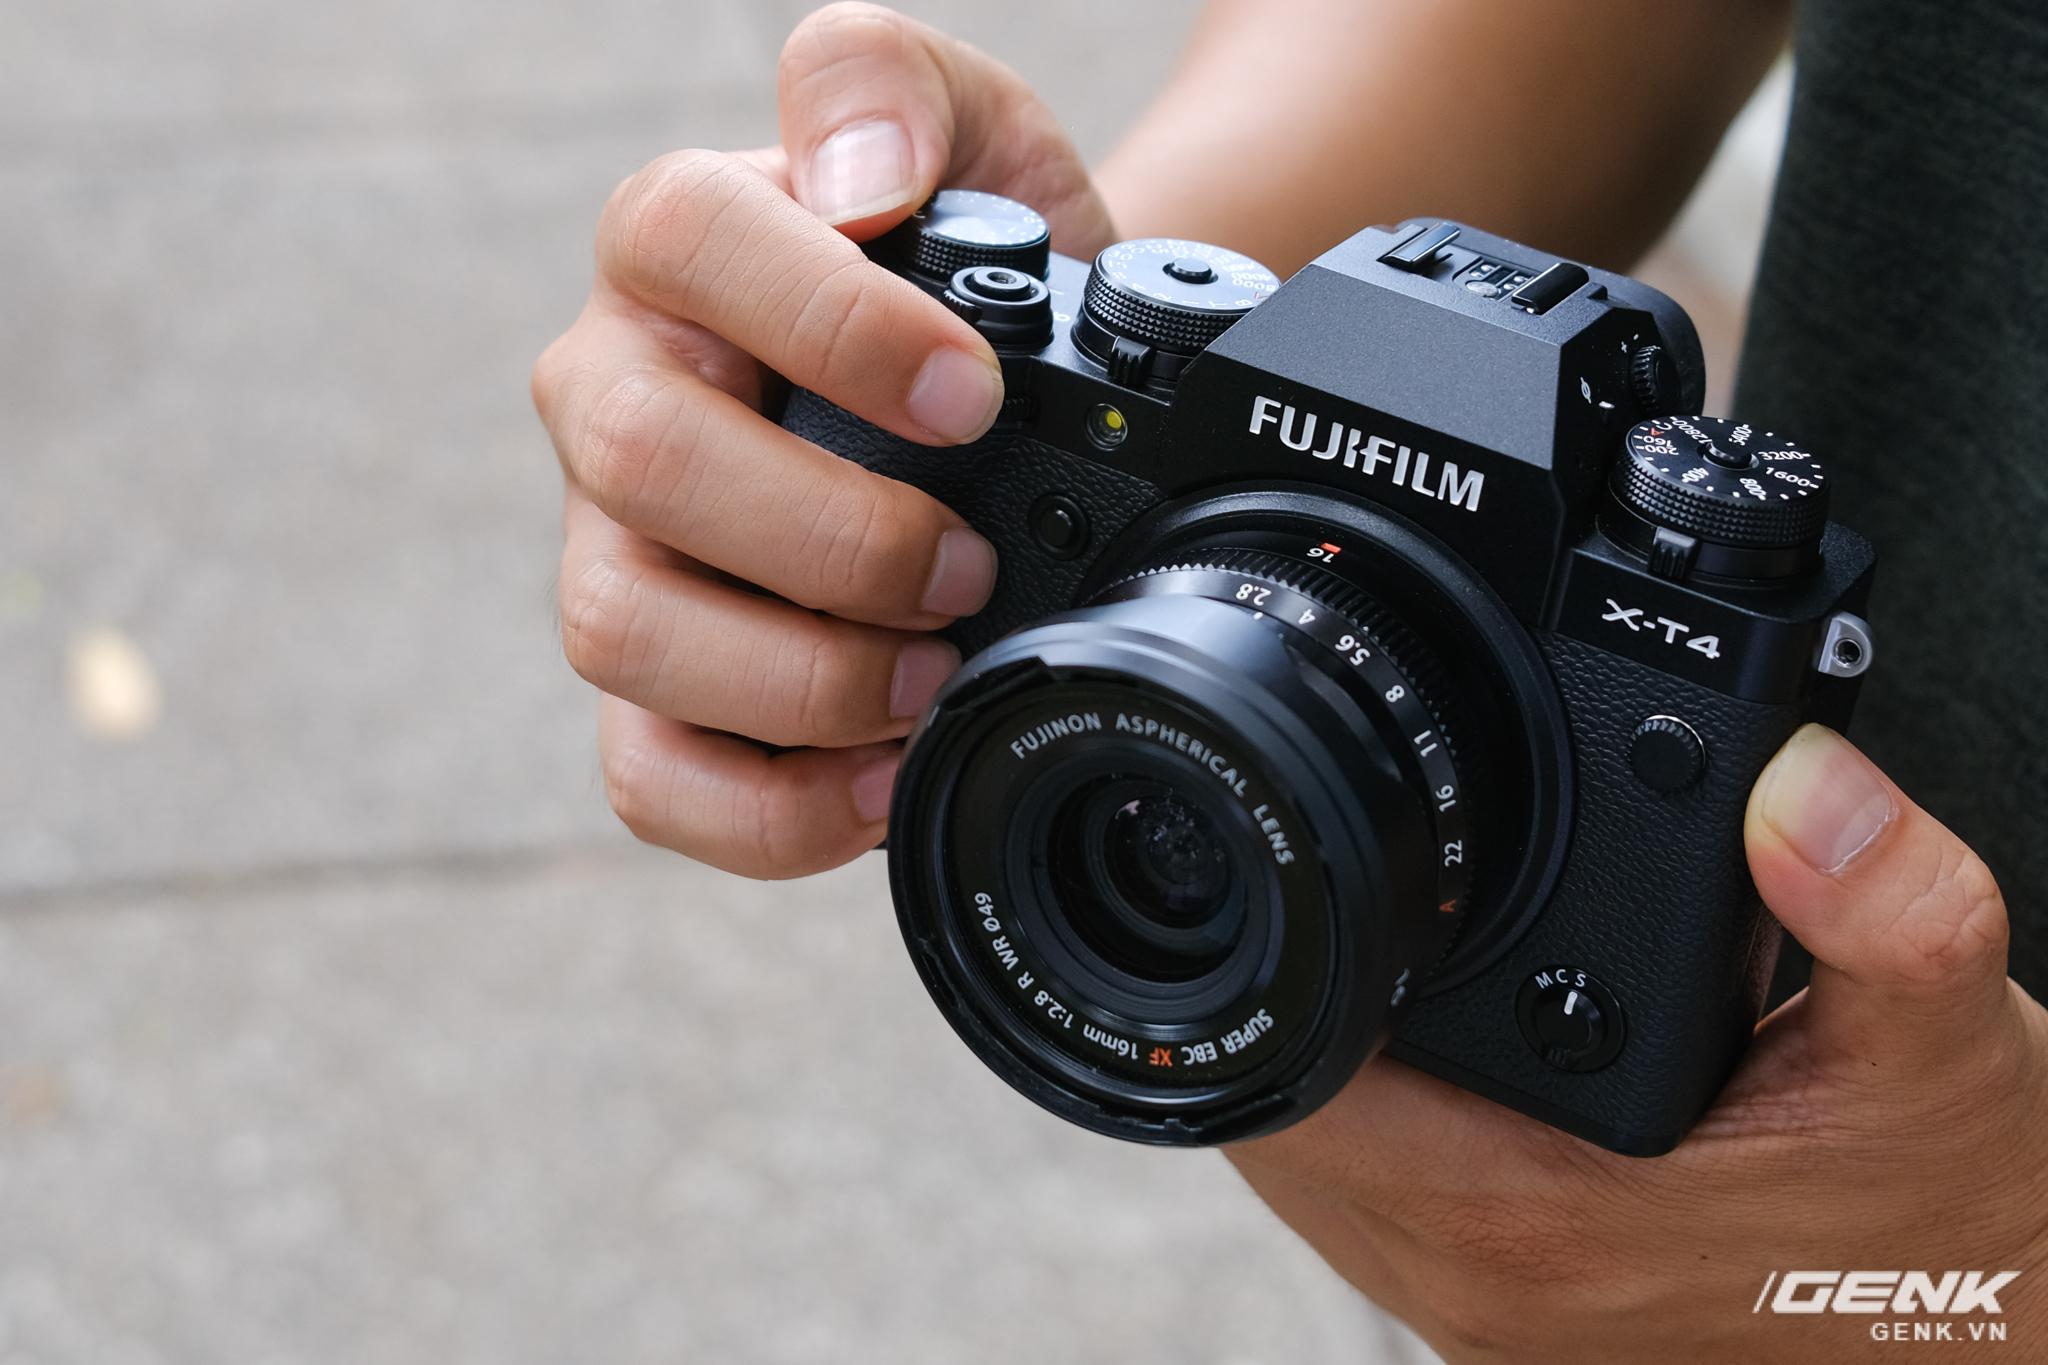 Trải nghiệm nhanh Fujifilm X-T4: Có gì hay và đáng nâng cấp so với đời trước? - Ảnh 3.